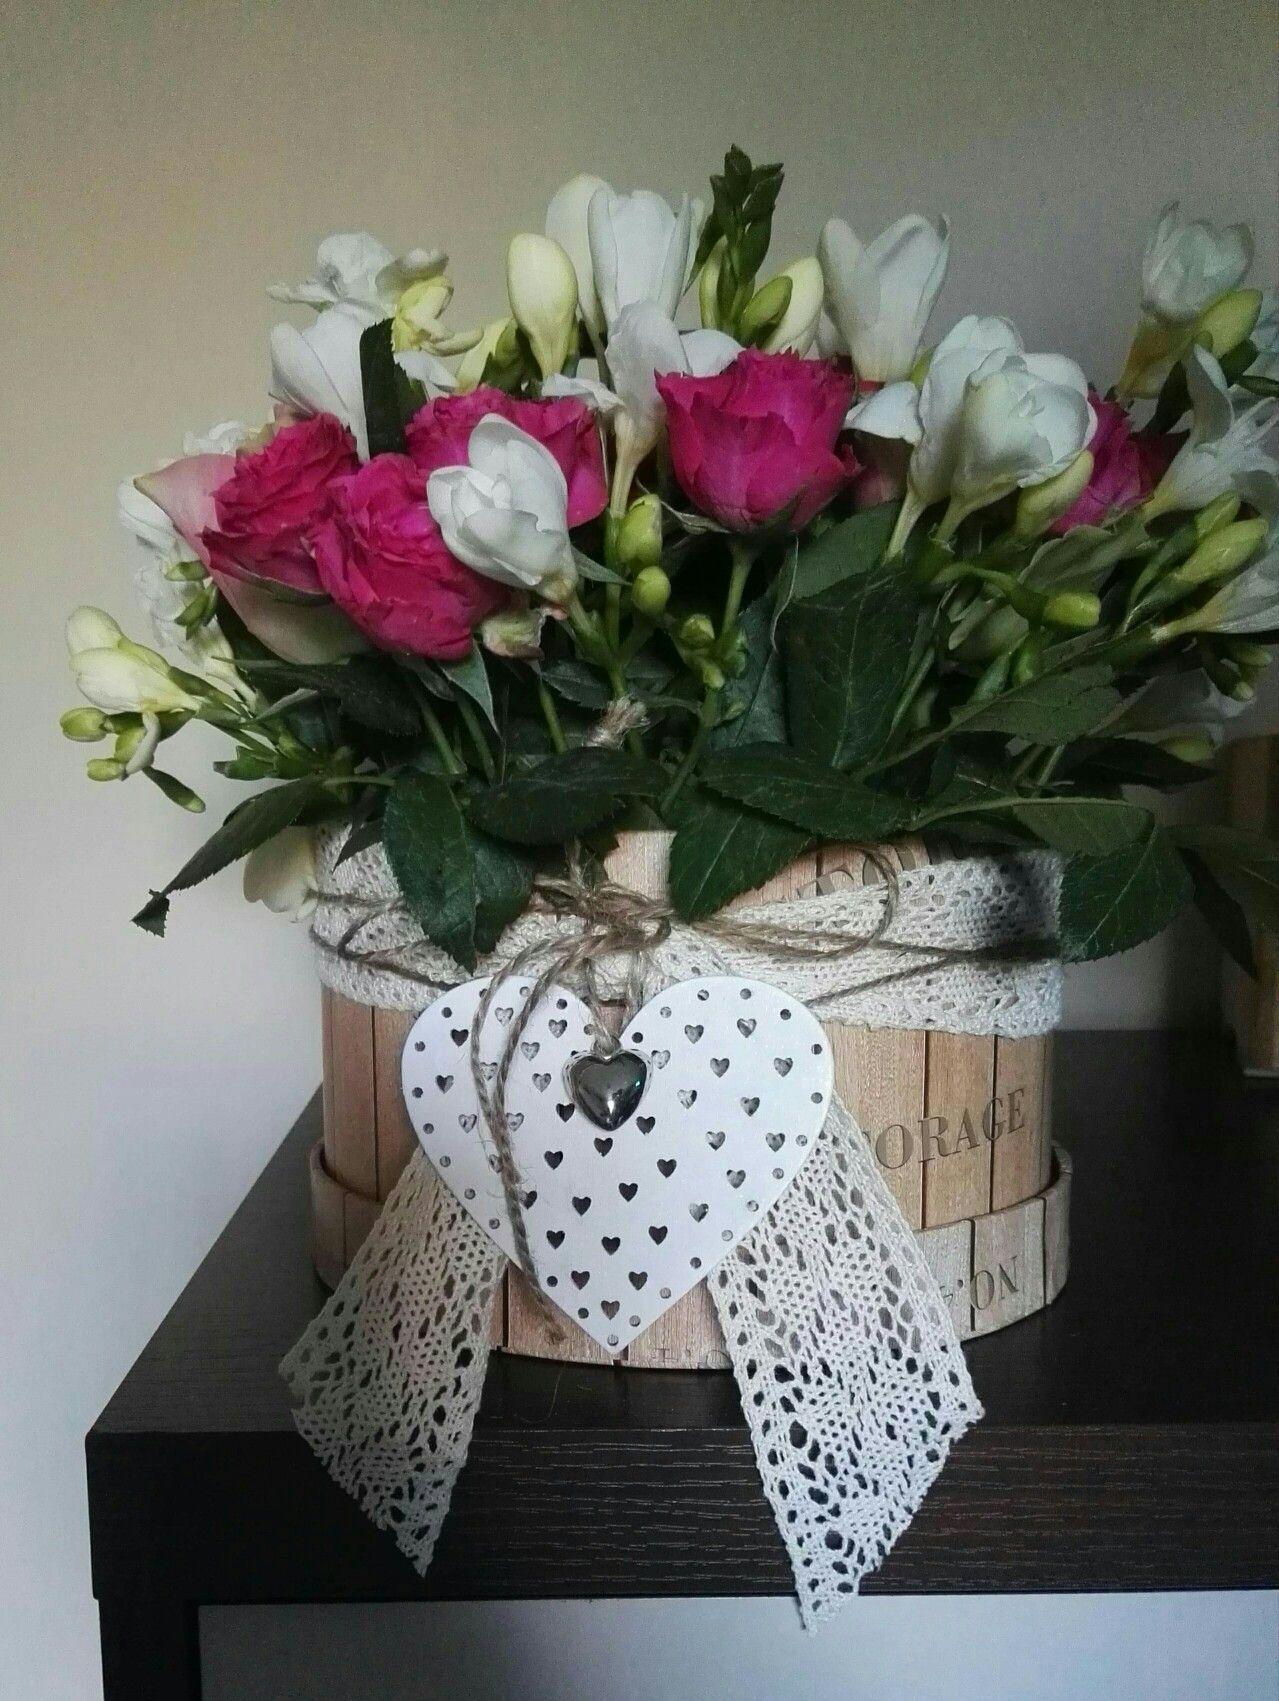 Home Made Flower Box Kwiaty W Pudelku Pomysl Na Bukiet Nowosc Homemade Flowerbox Kwiatywpudelku Pomysl Na Bukiet Nowosc Dzien Planter Pots Planters